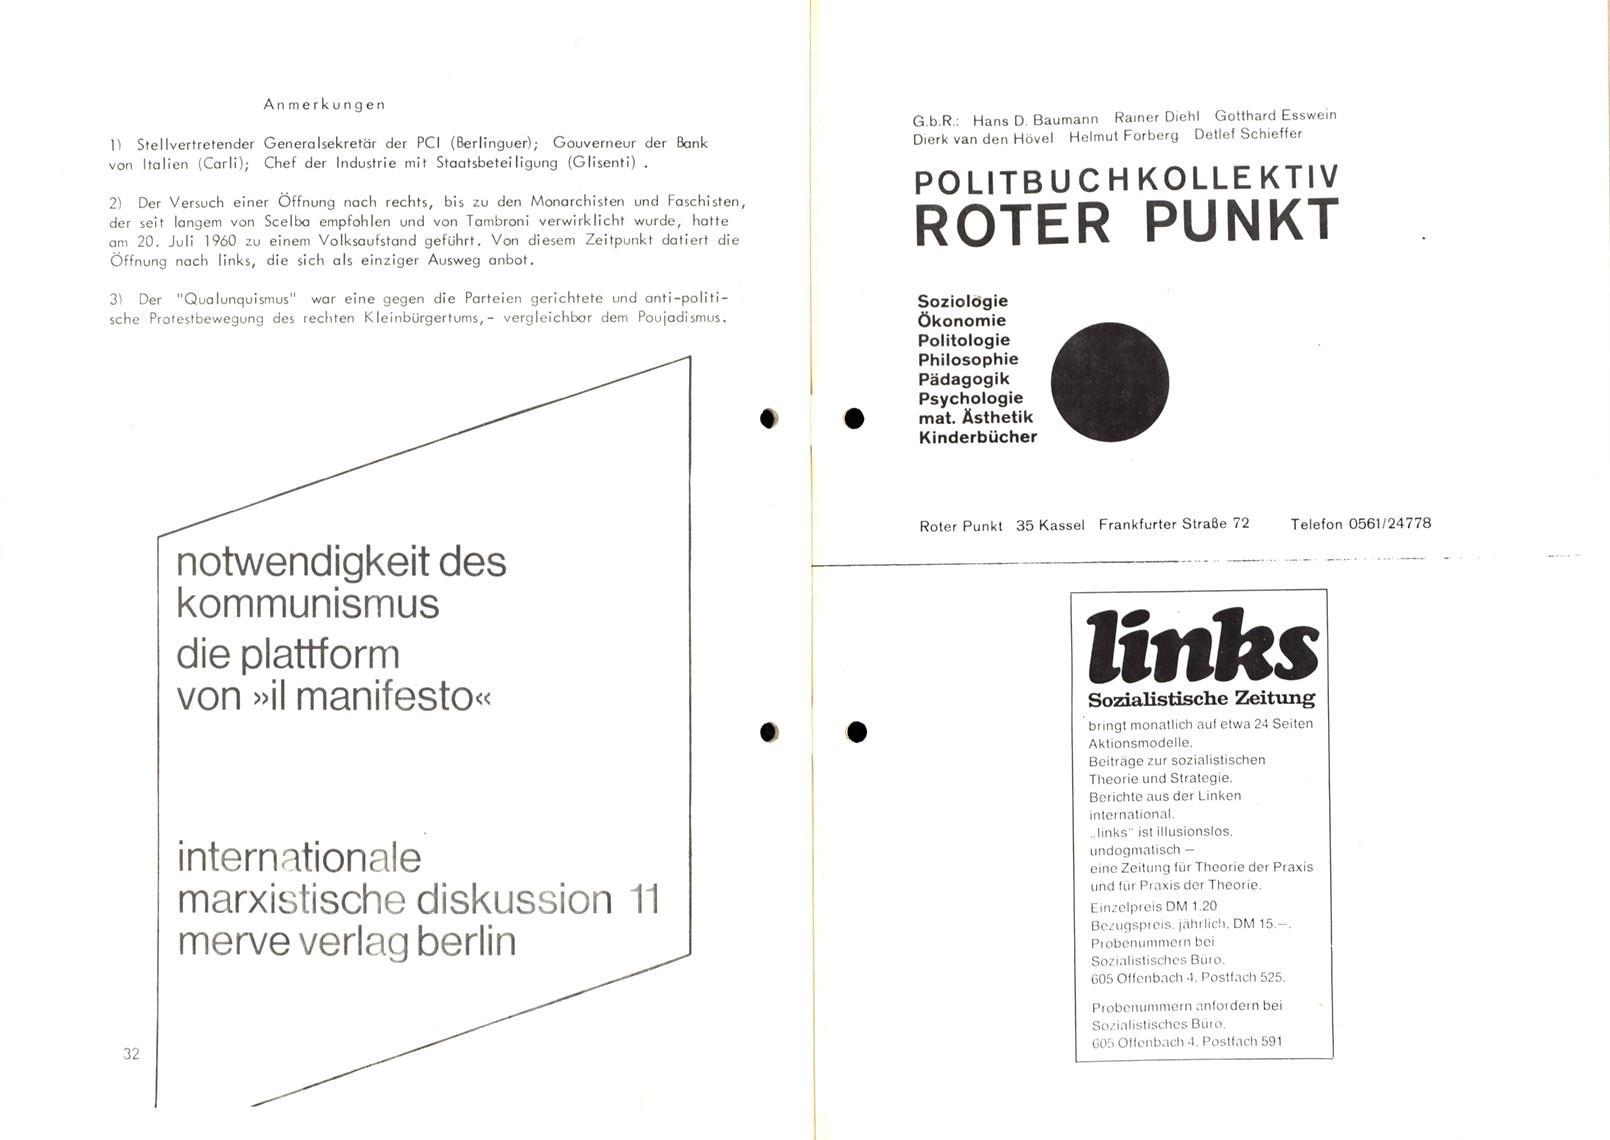 Manifesto_1971_Einheit_der_Klassenlinken_18